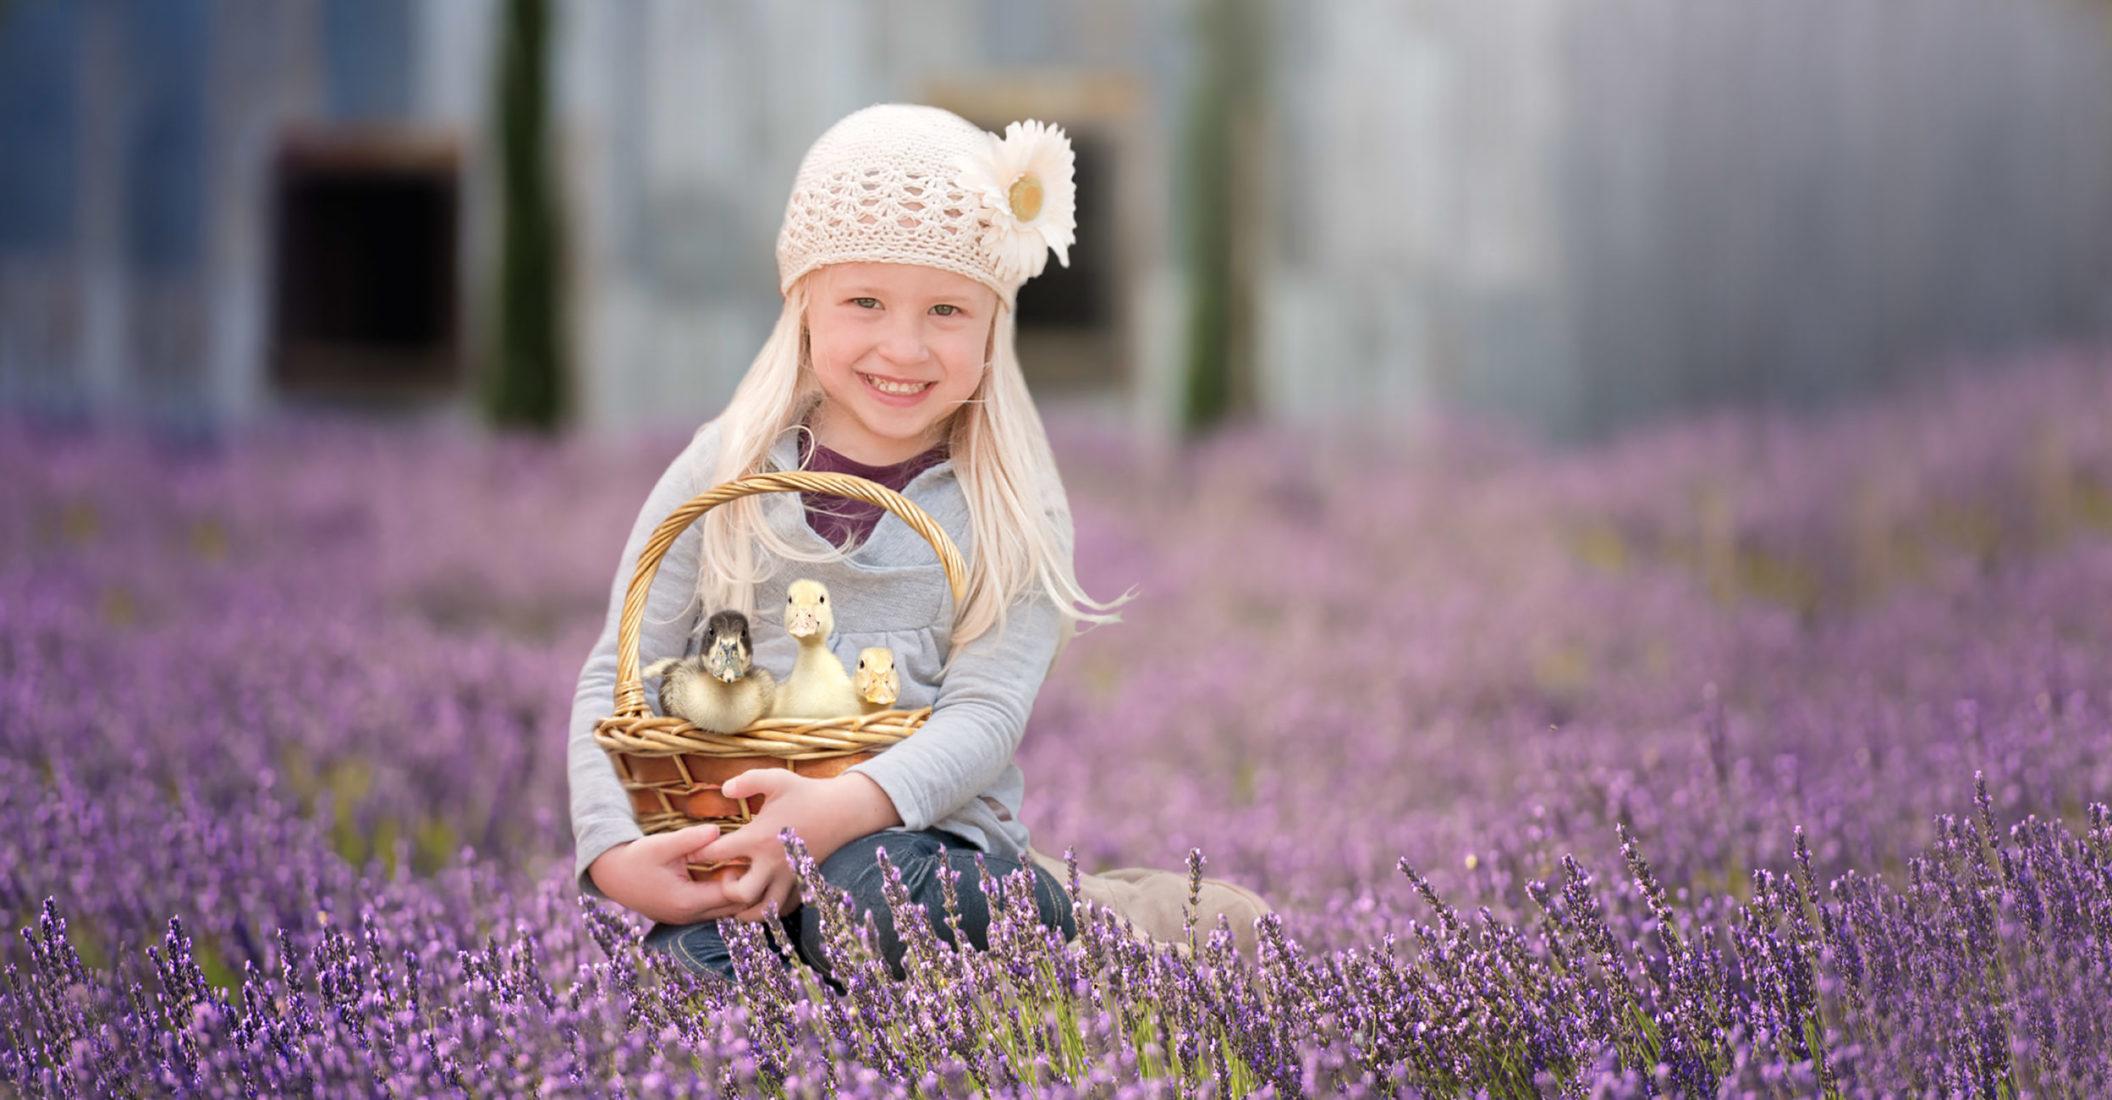 girl holding basket ducks lavendar field